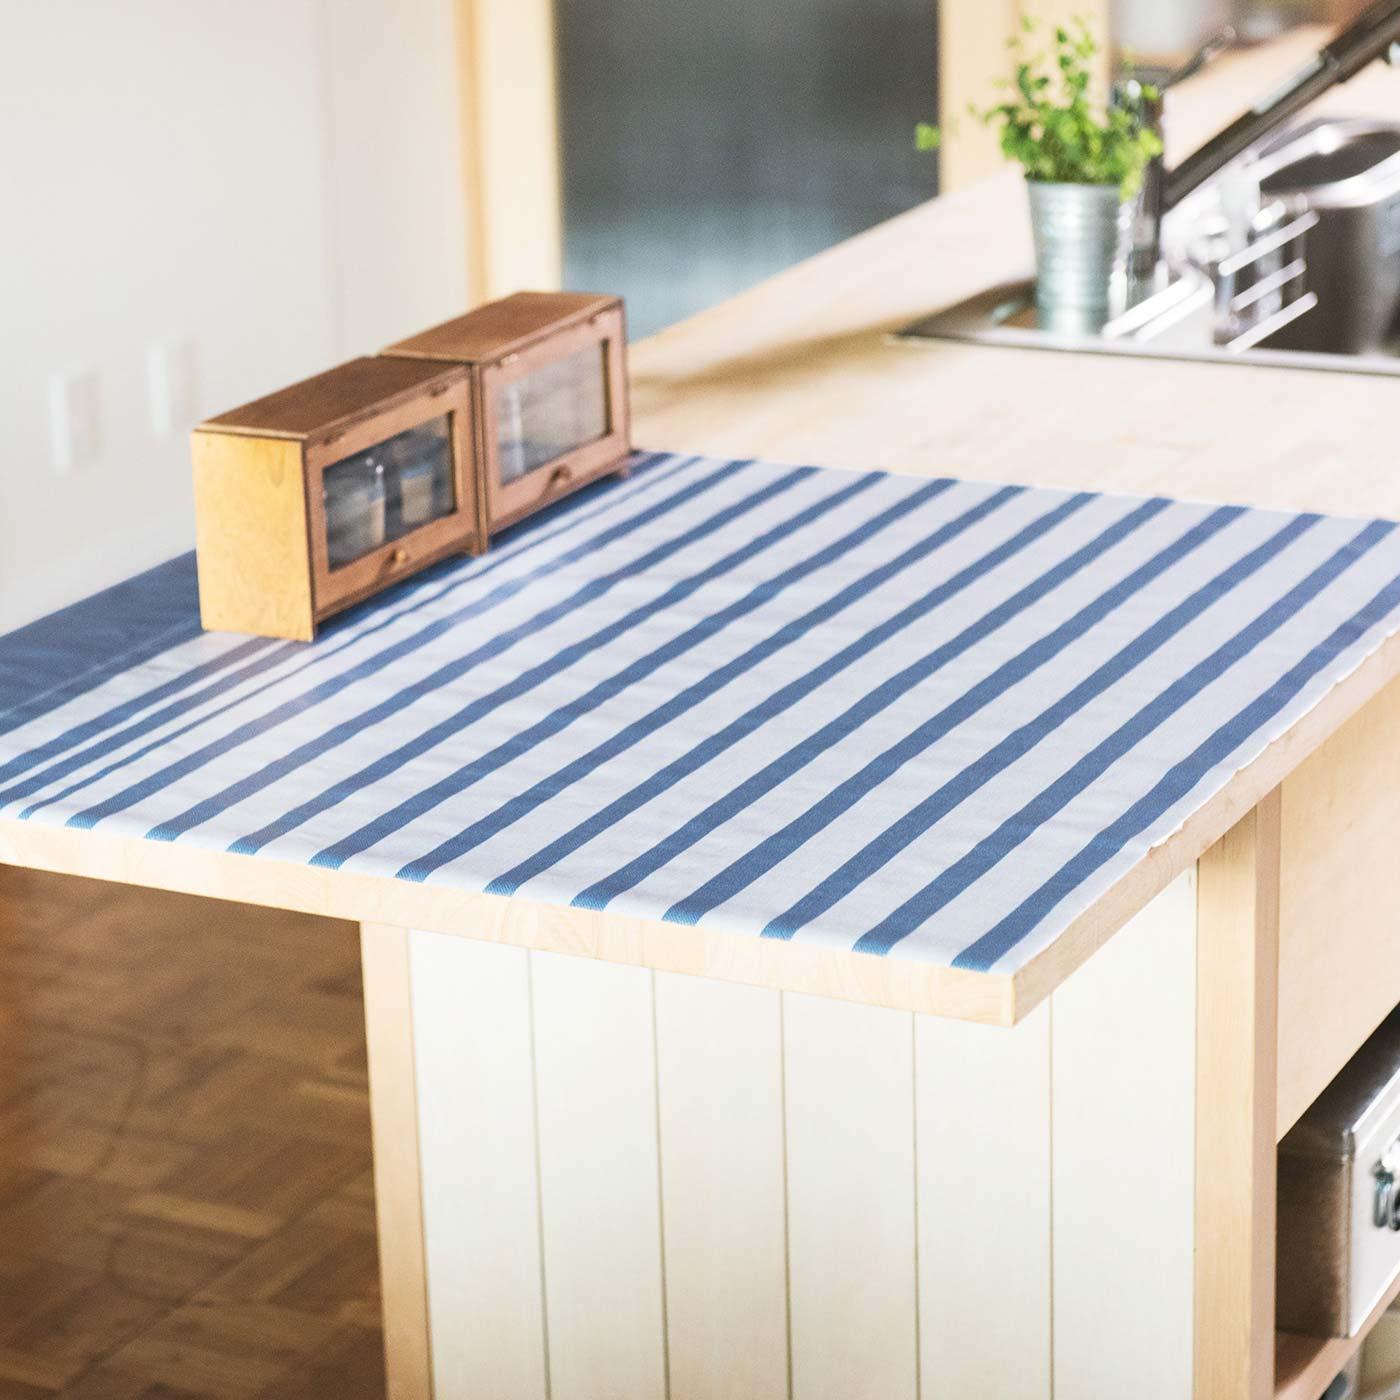 カウンターテーブルやキッチンの収納棚に敷いても。